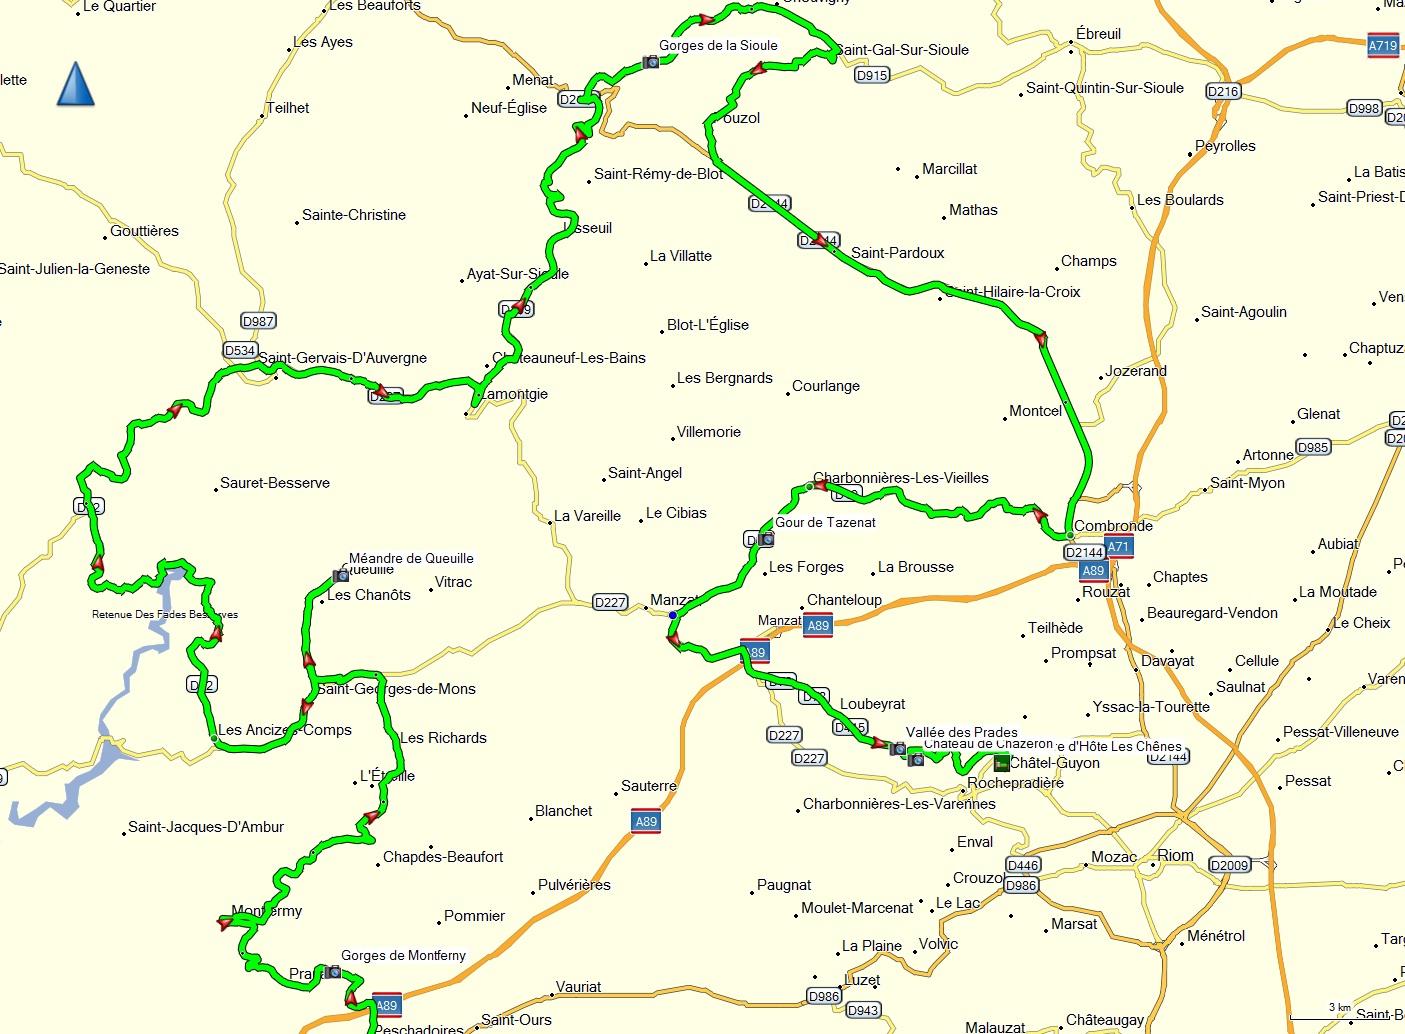 gorges de la sioule carte DedeSite.: Les Gorges de la Sioule sur les terres Auvergne